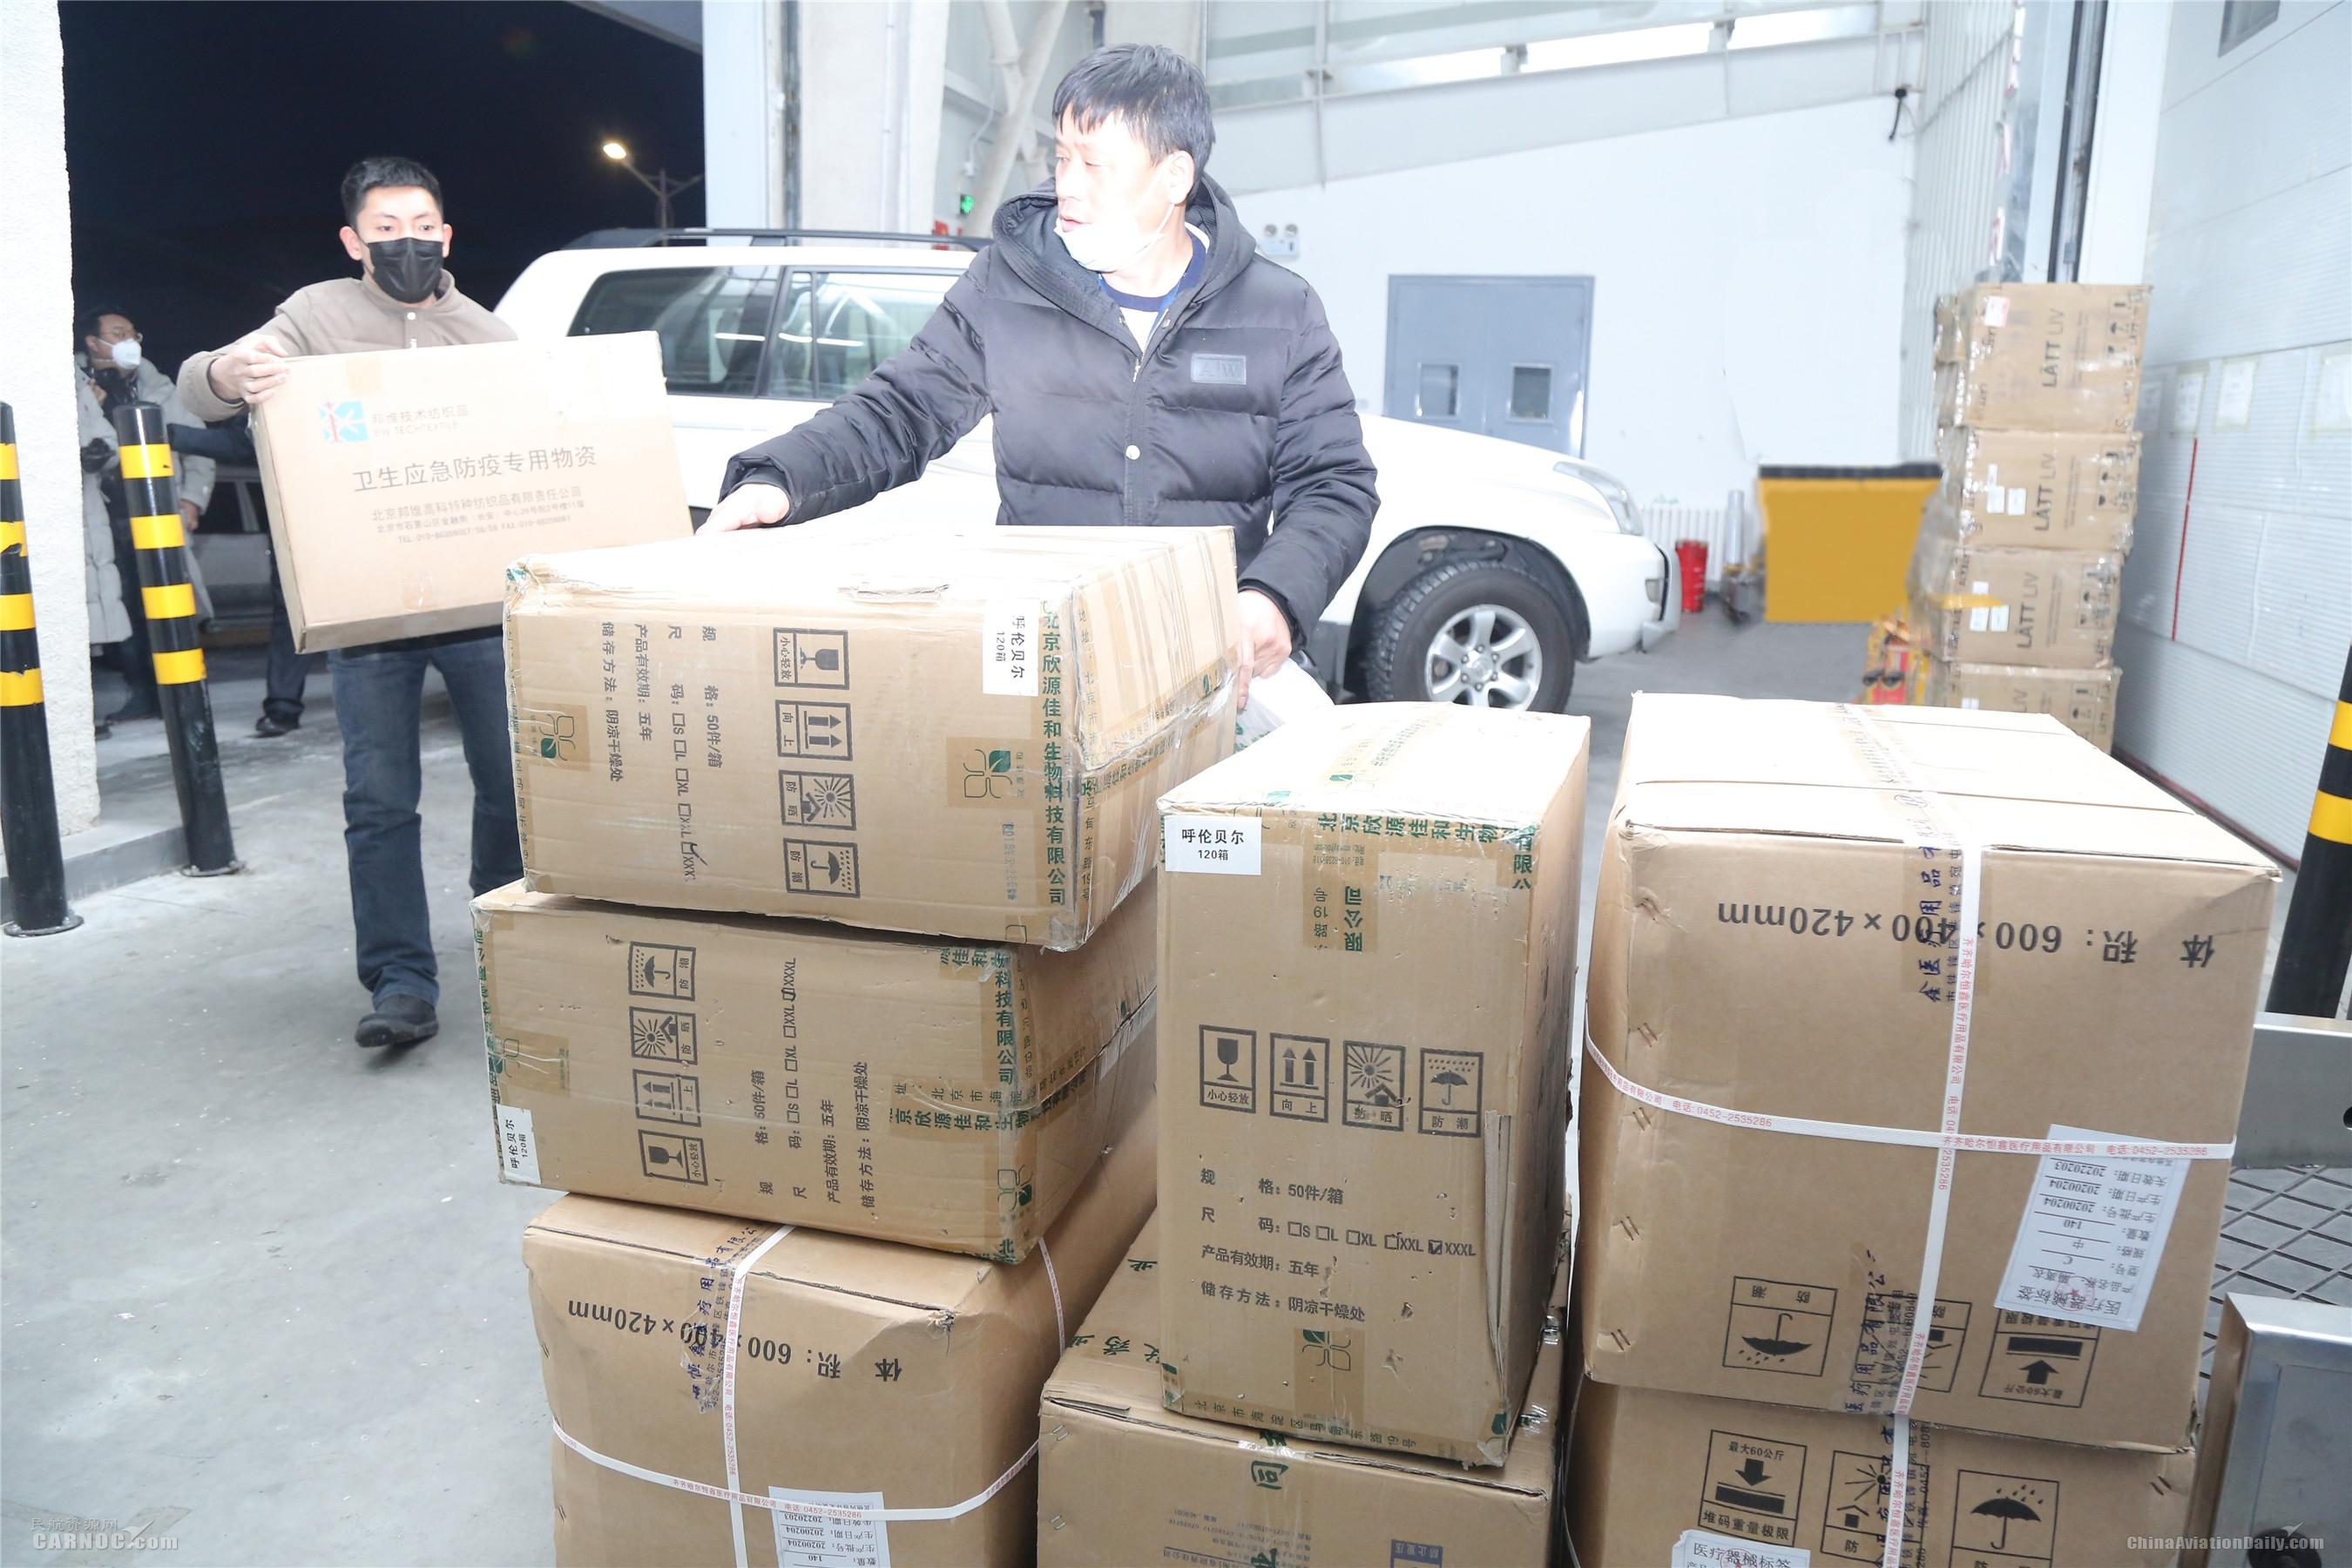 运输物资车辆到达机场货运处